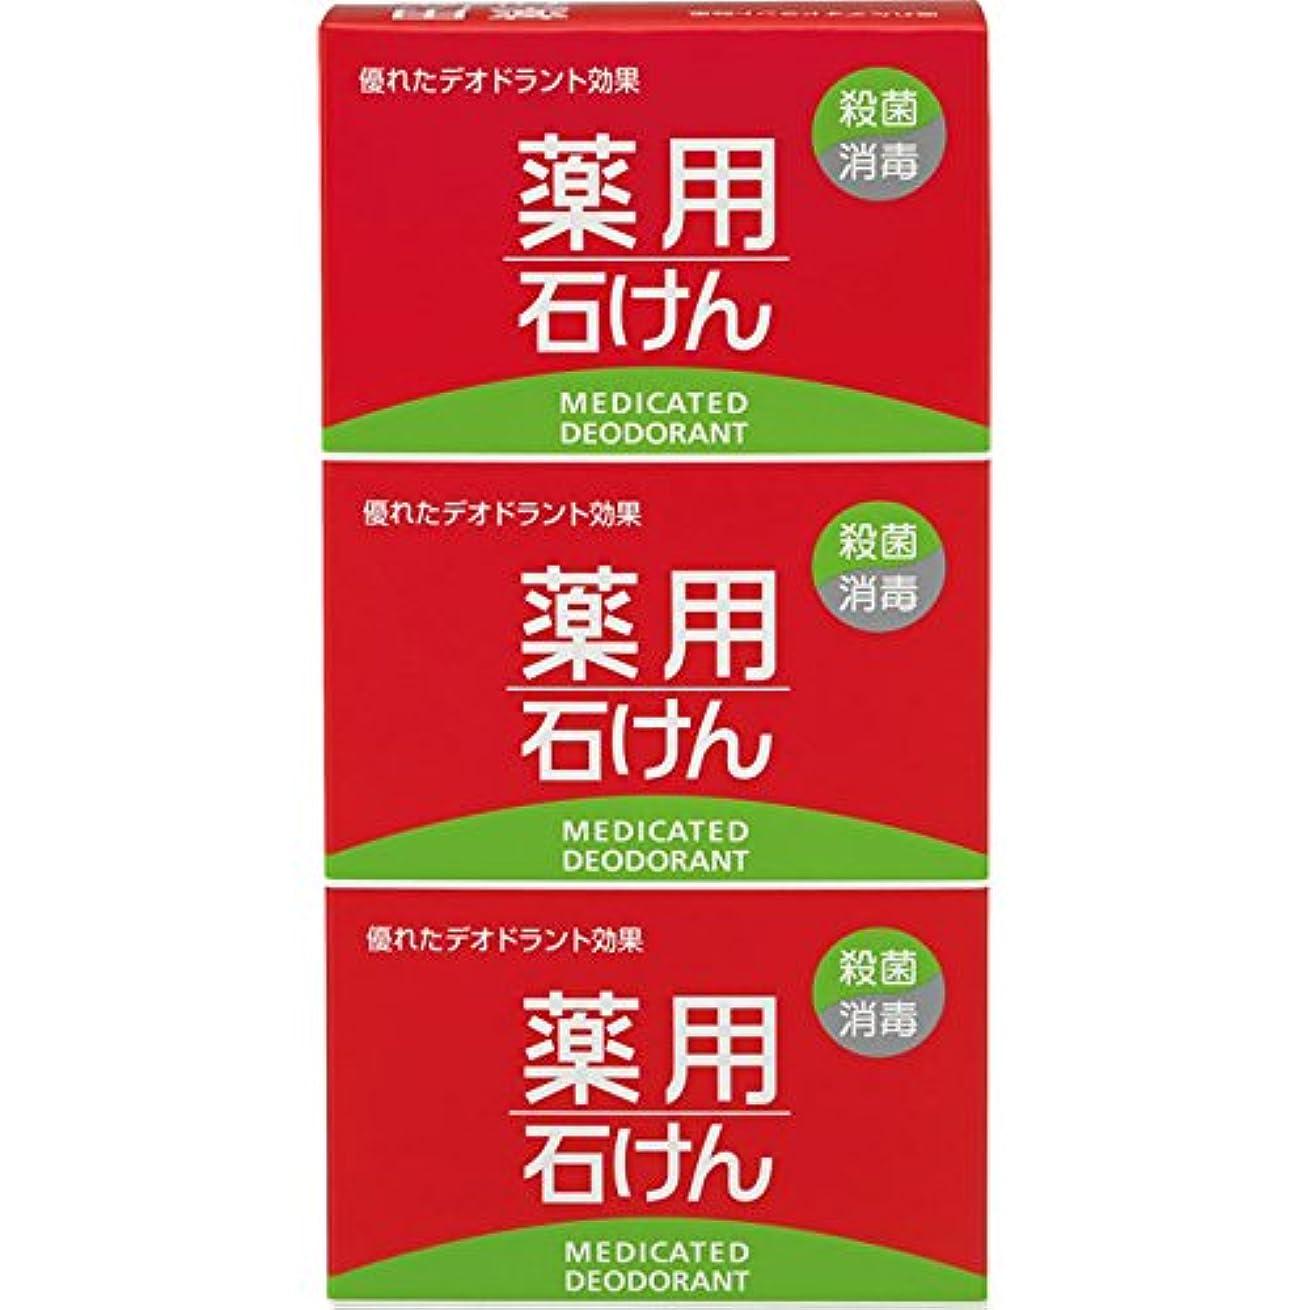 不正直拍手しっかり熊野油脂 薬用石けん 100g×3個 (医薬部外品)